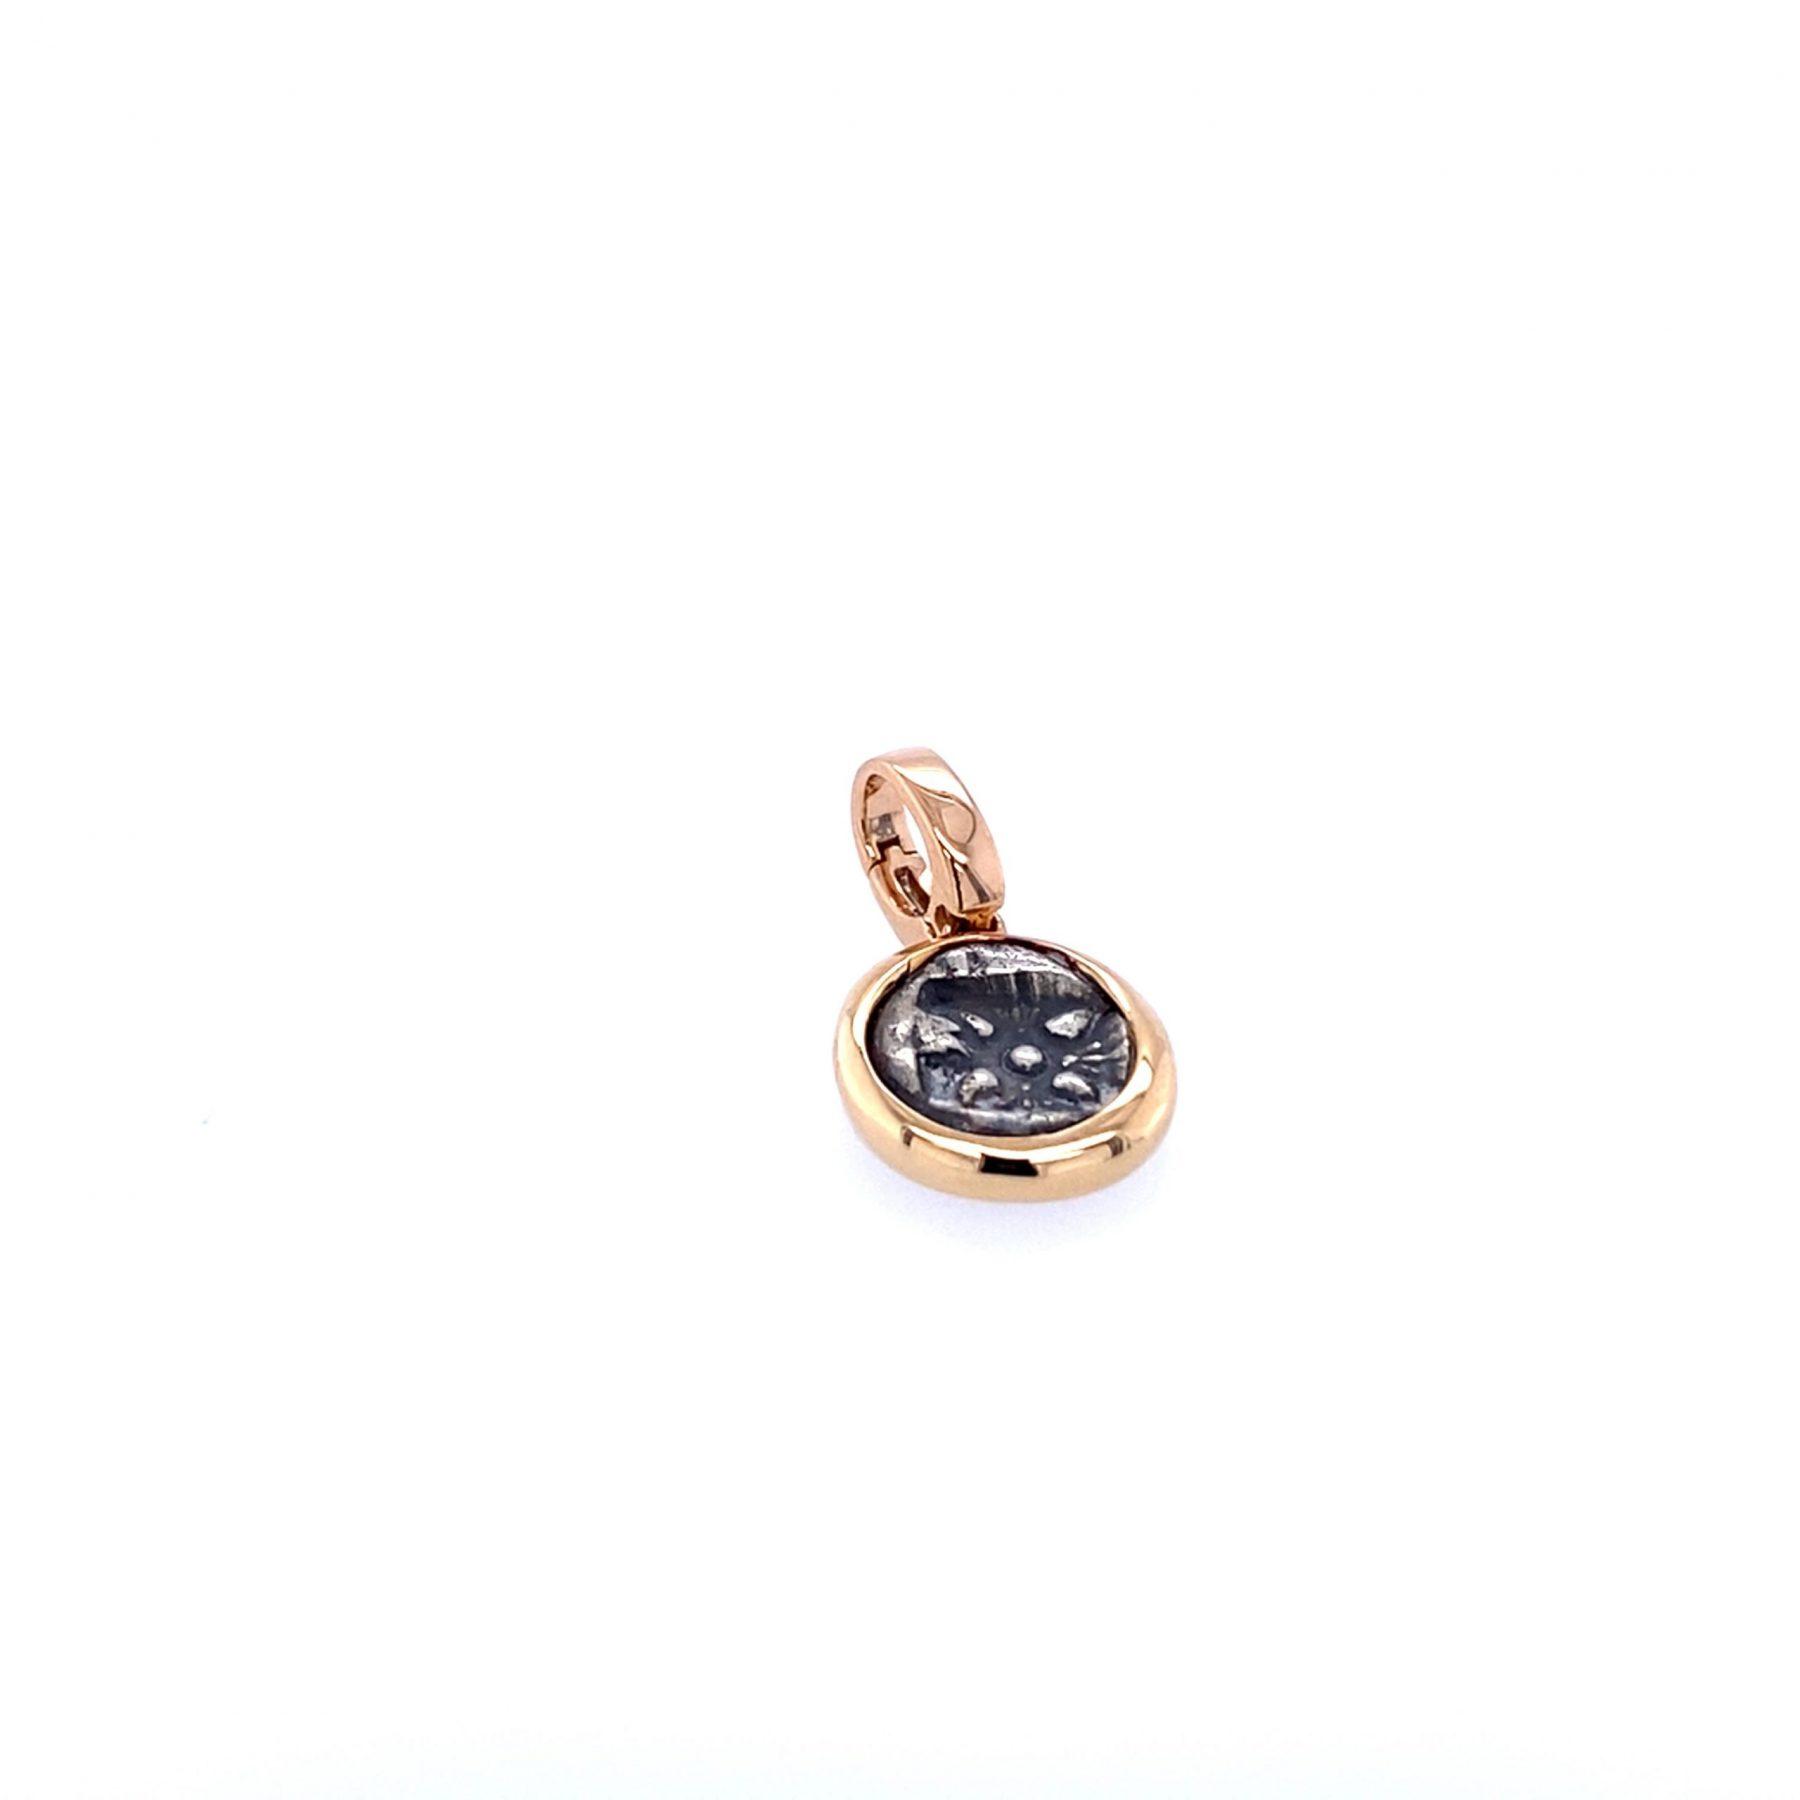 Einhänger Münze Stern Löwe 18ct Roségold - TwentyTen - 11577